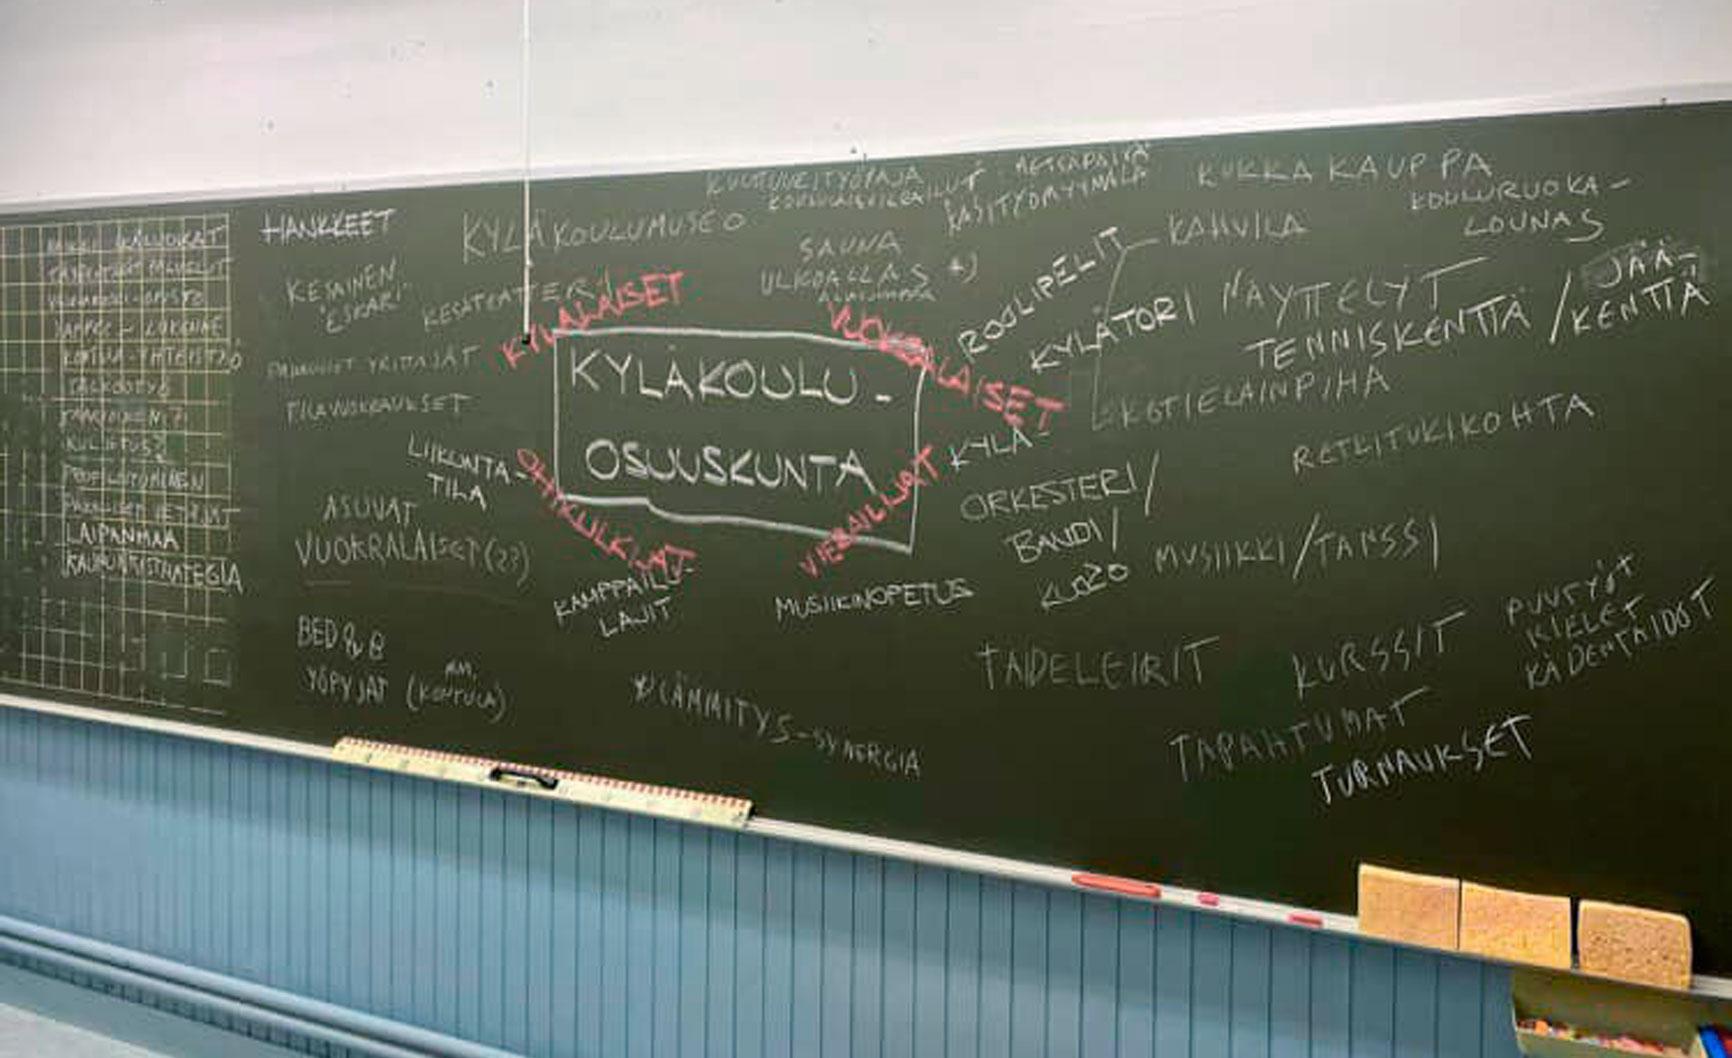 Vilpeilän koulun liitutaululle oli käyttöä sunnuntaina ideatreffeillä, joilla mietittiin koulukiinteistön tulevia käyttömahdollisuuksia. Kuva: Hannele Valkeeniemi